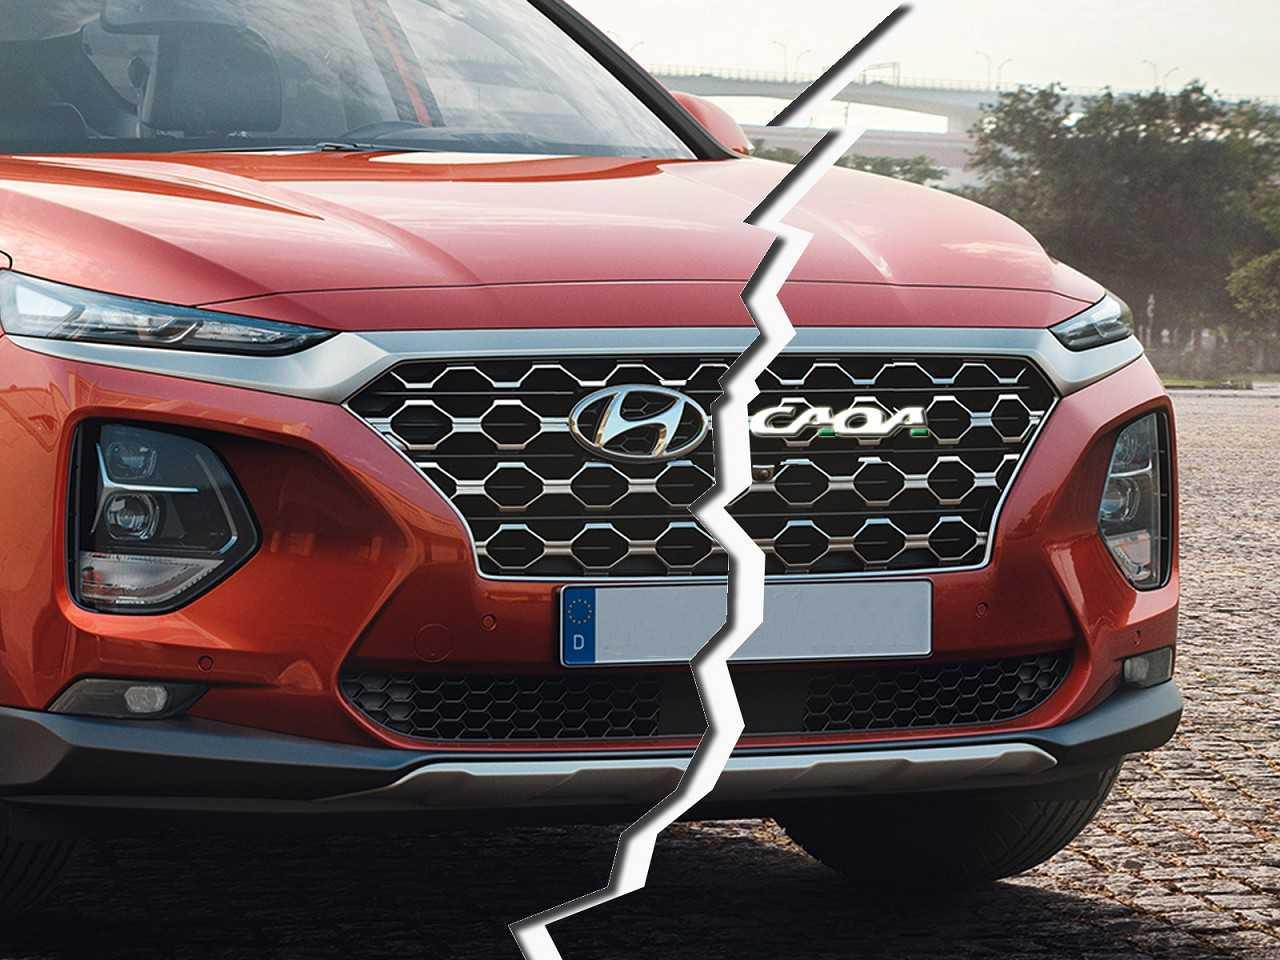 Casamento entre Hyundai e CAOA perto do fim